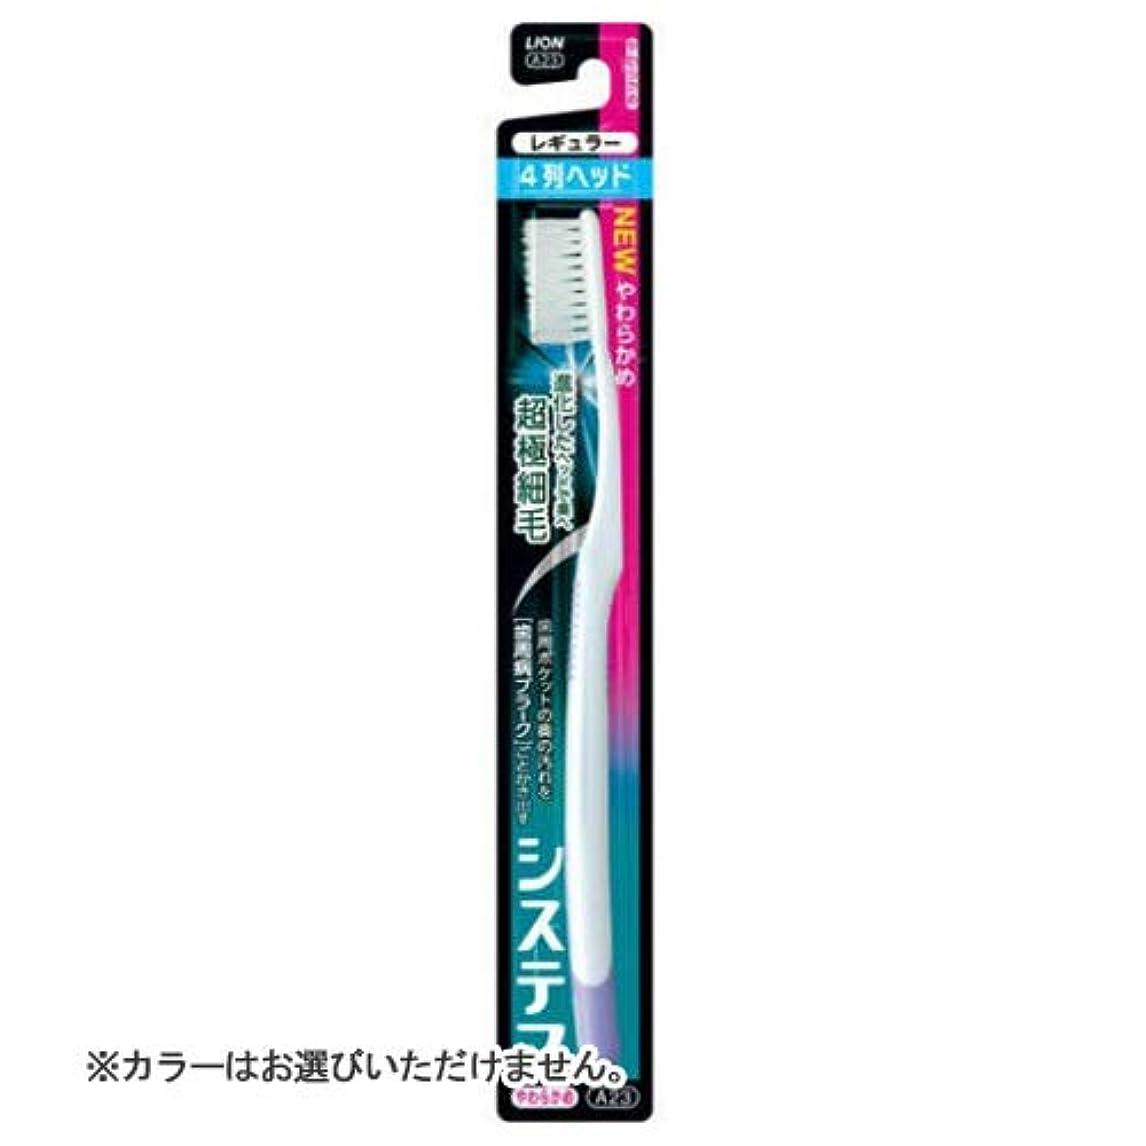 ドラッグ極めて重要な決済ライオン システマ ハブラシ レギュラー4列 やわらかめ (1本) 大人用 歯ブラシ